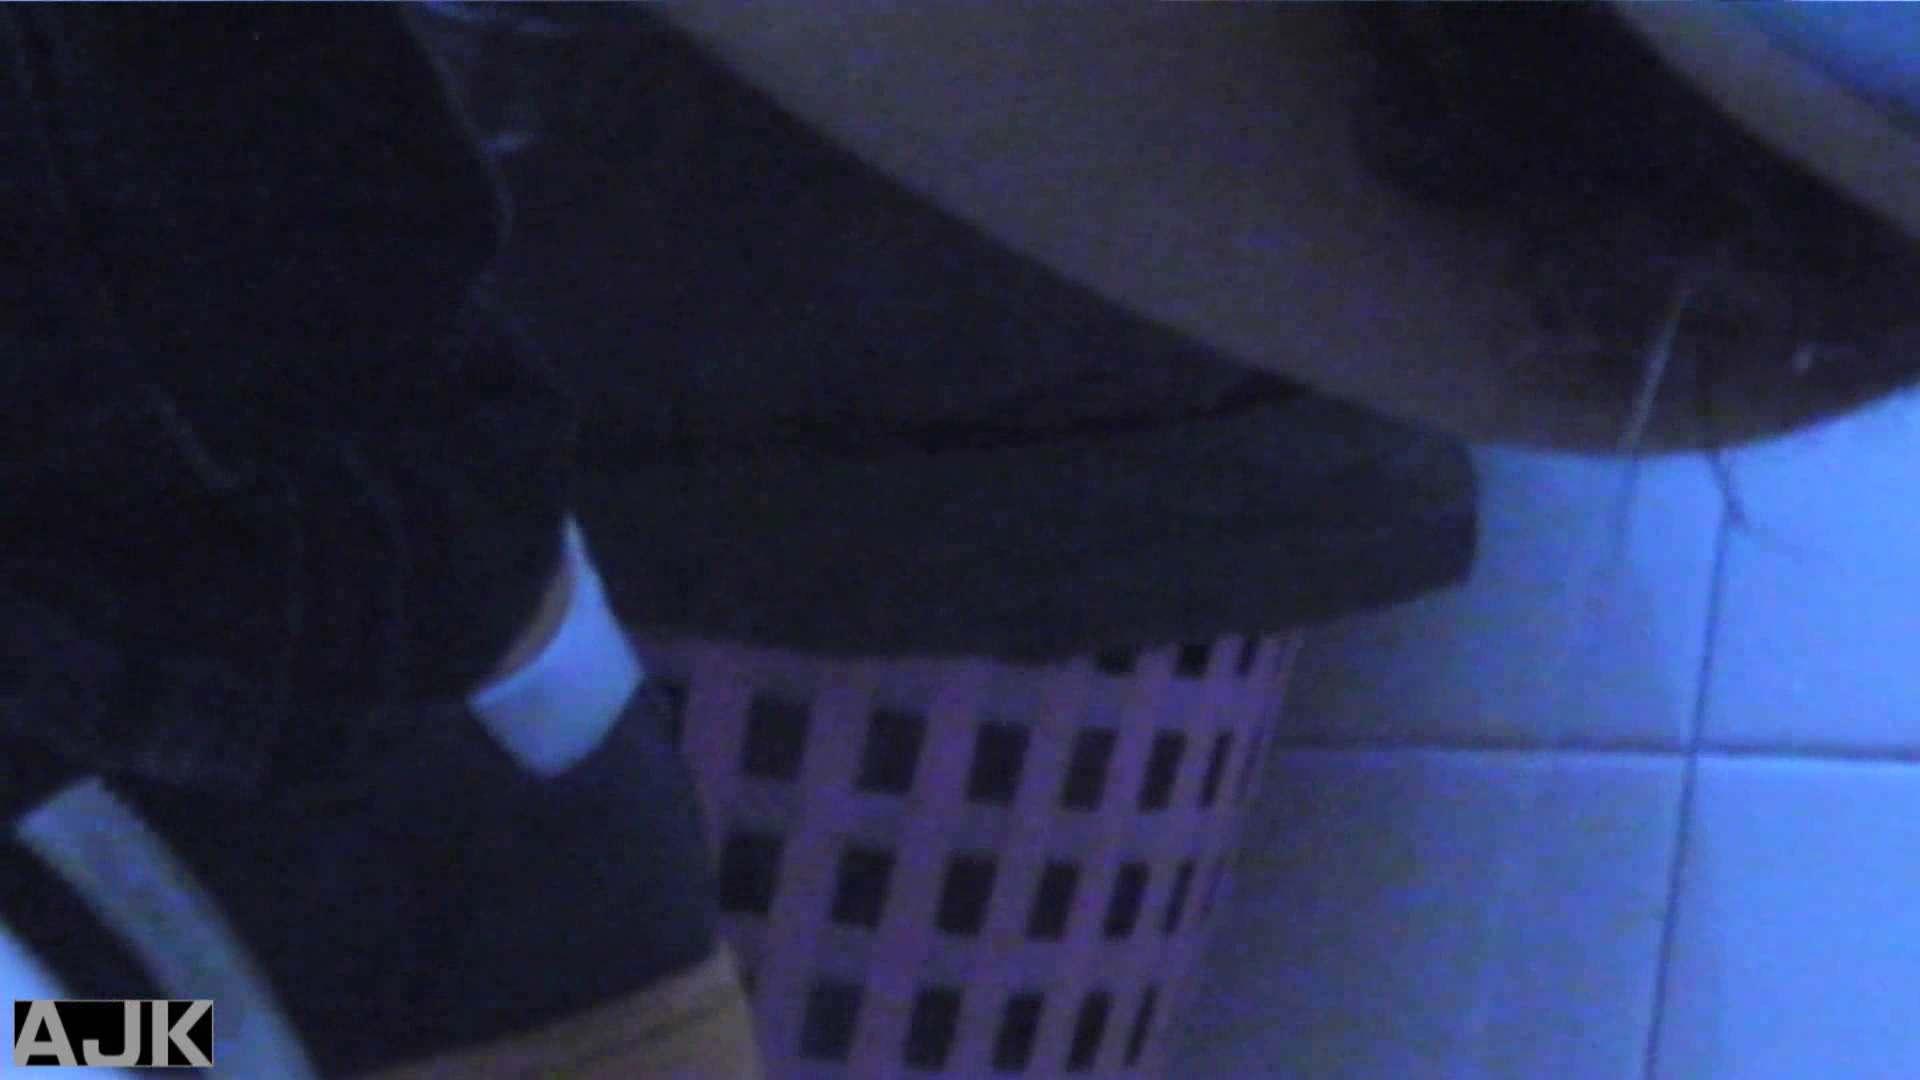 隣国上階級エリアの令嬢たちが集うデパートお手洗い Vol.07 洗面所シーン セックス画像 48画像 46